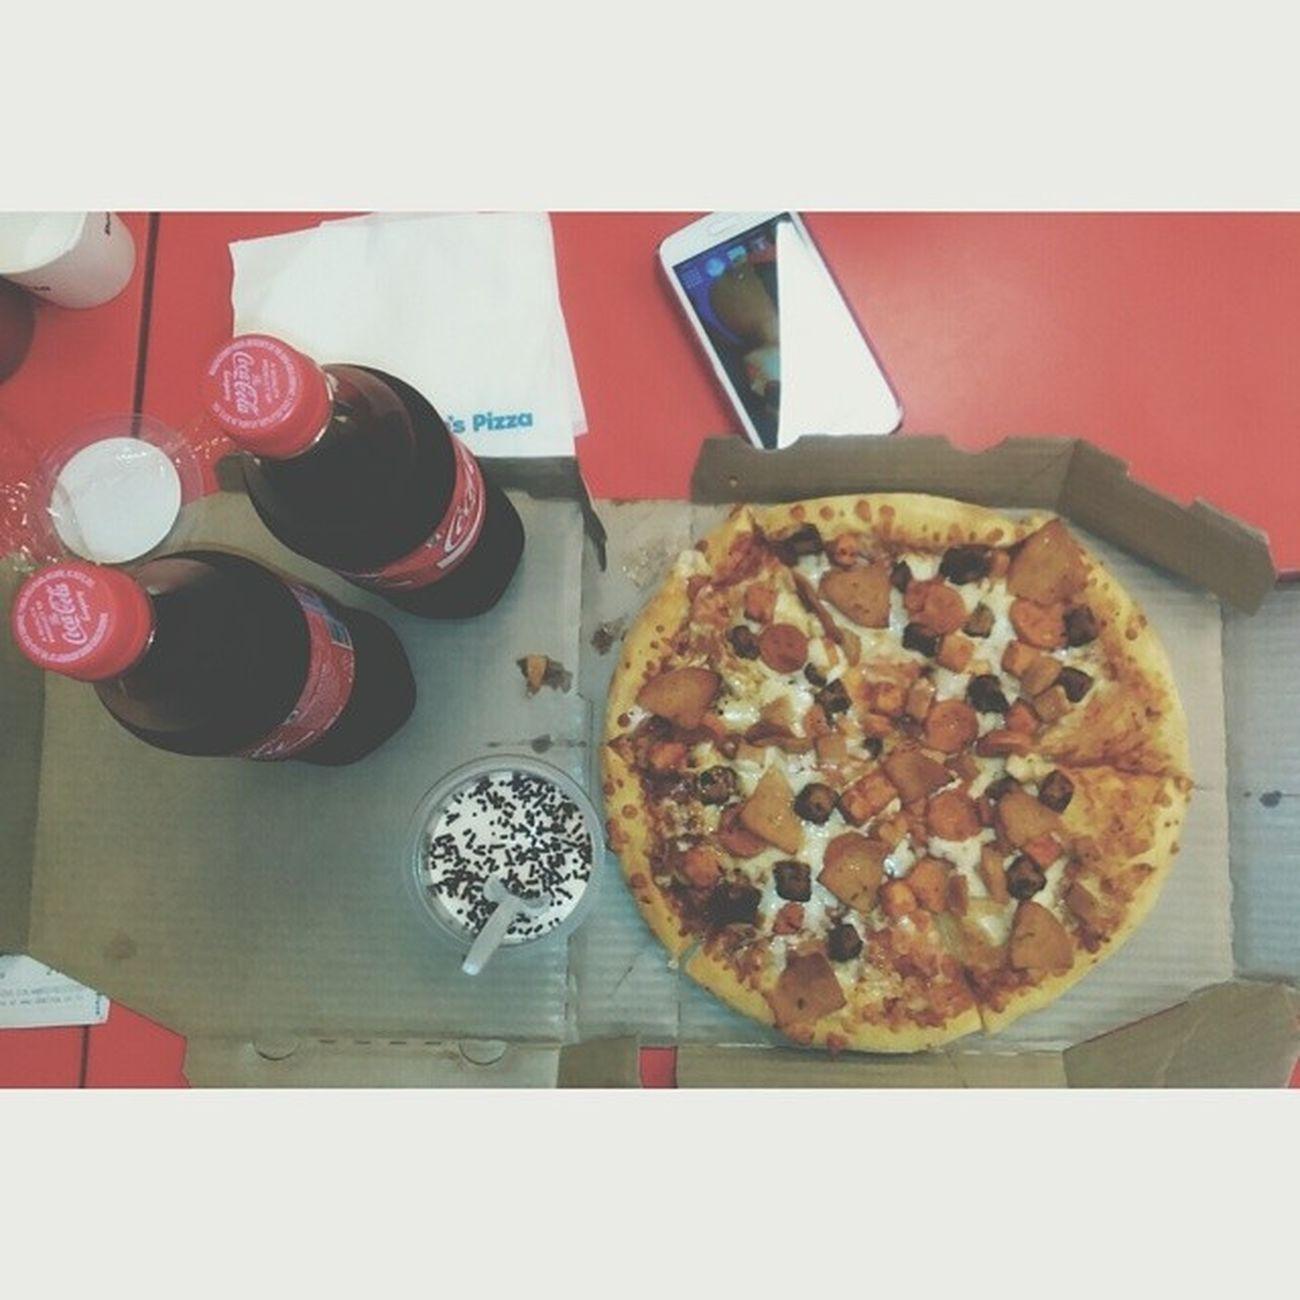 Vscocam Instagood Pizza Dominoz vscofilter vscogramming foodporn foodgramming